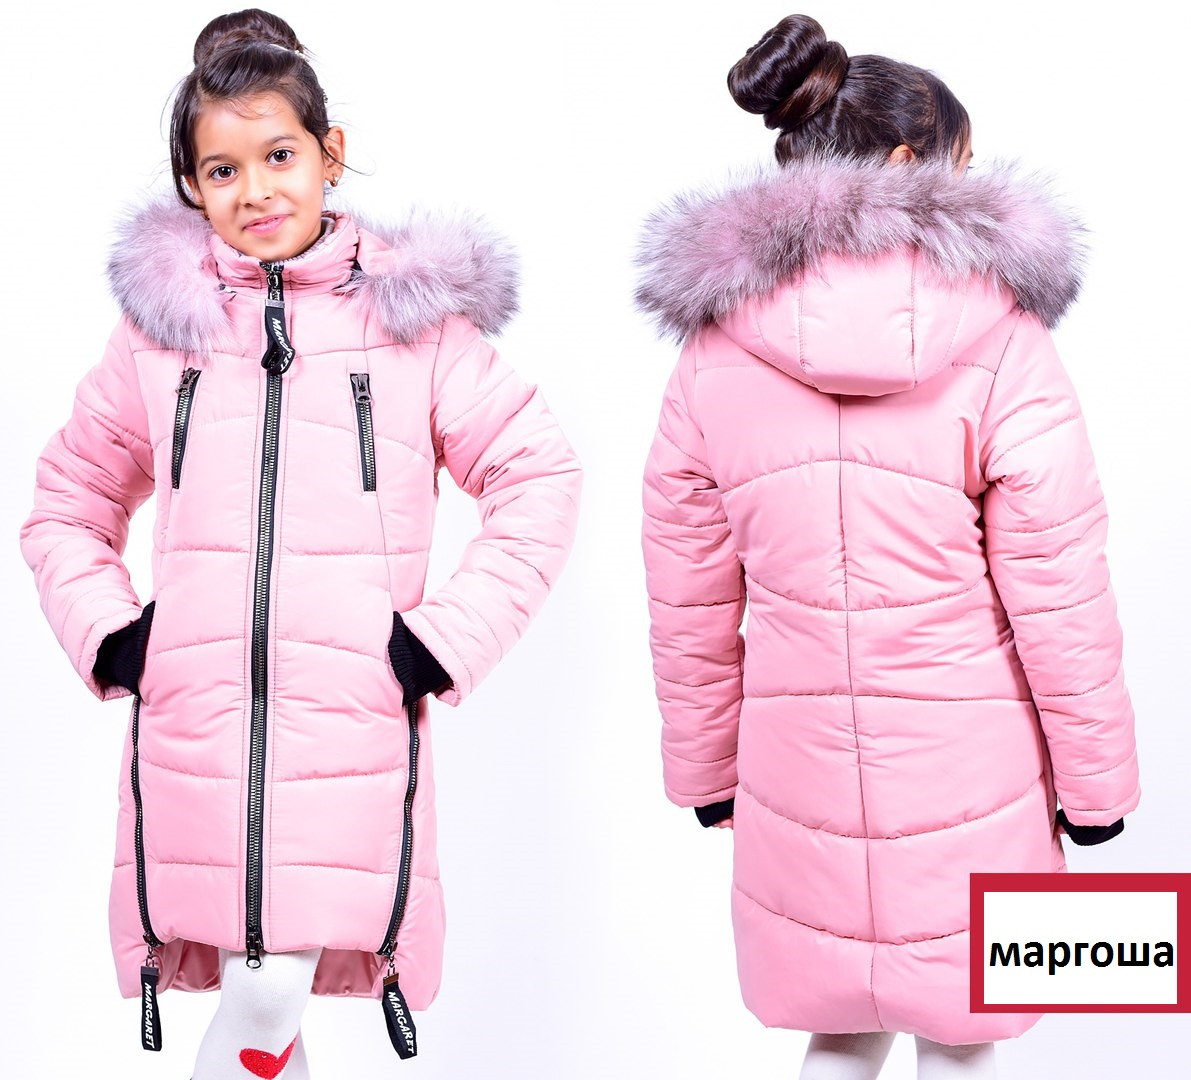 7f1e2b4f1b91 Детские зимние куртки и пальто для девочек - Интернет магазин Линия одежды  в Харькове